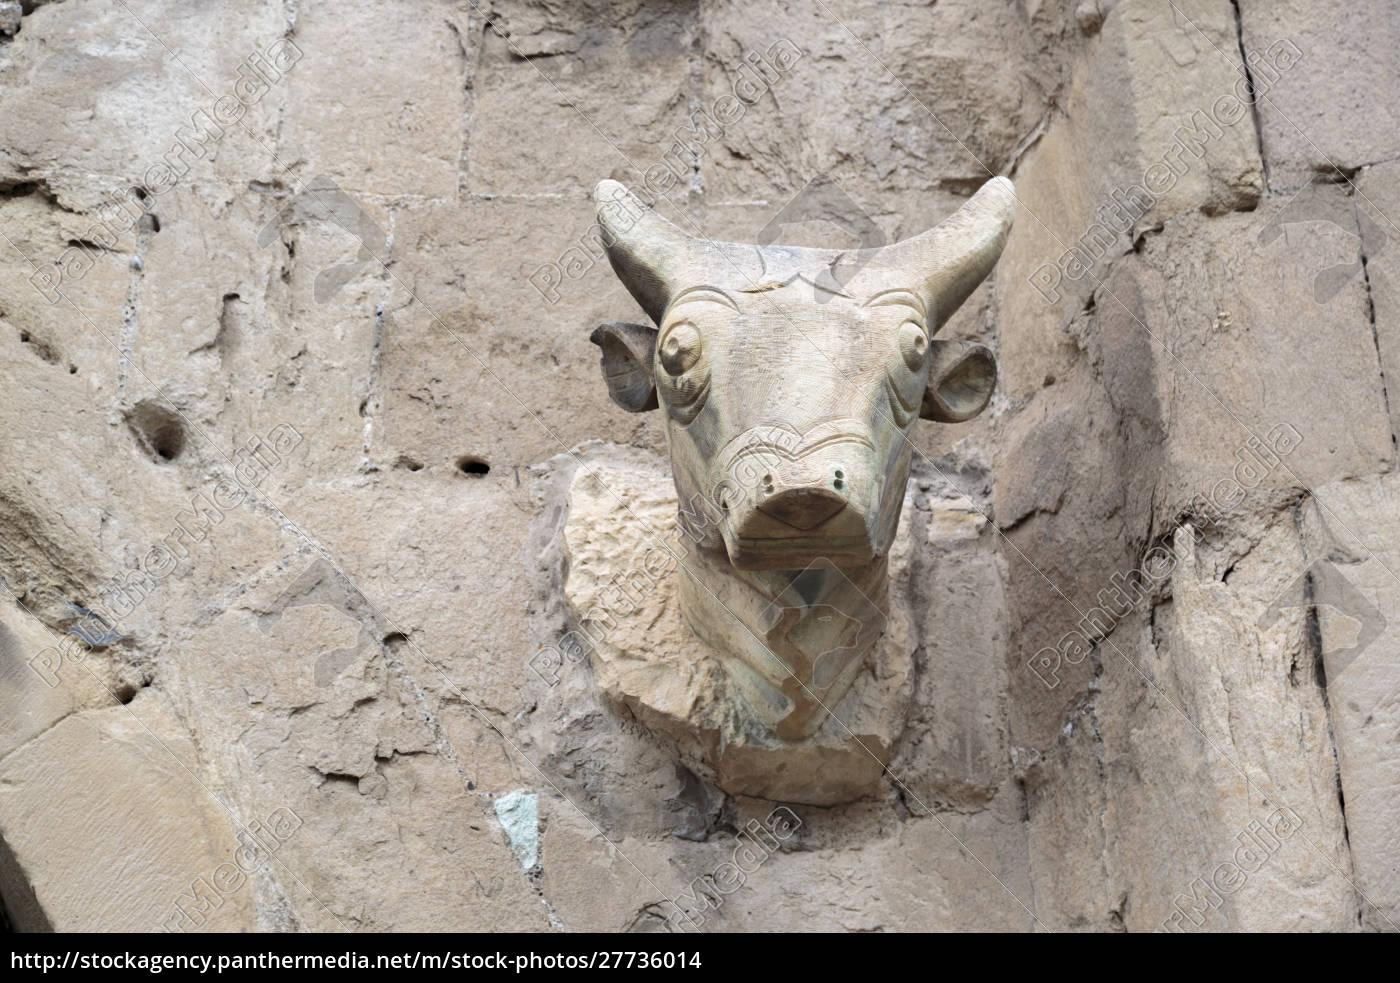 gruzja, mtskheta., głowa, byka, wyrzeźbiona, w, katedrze - 27736014